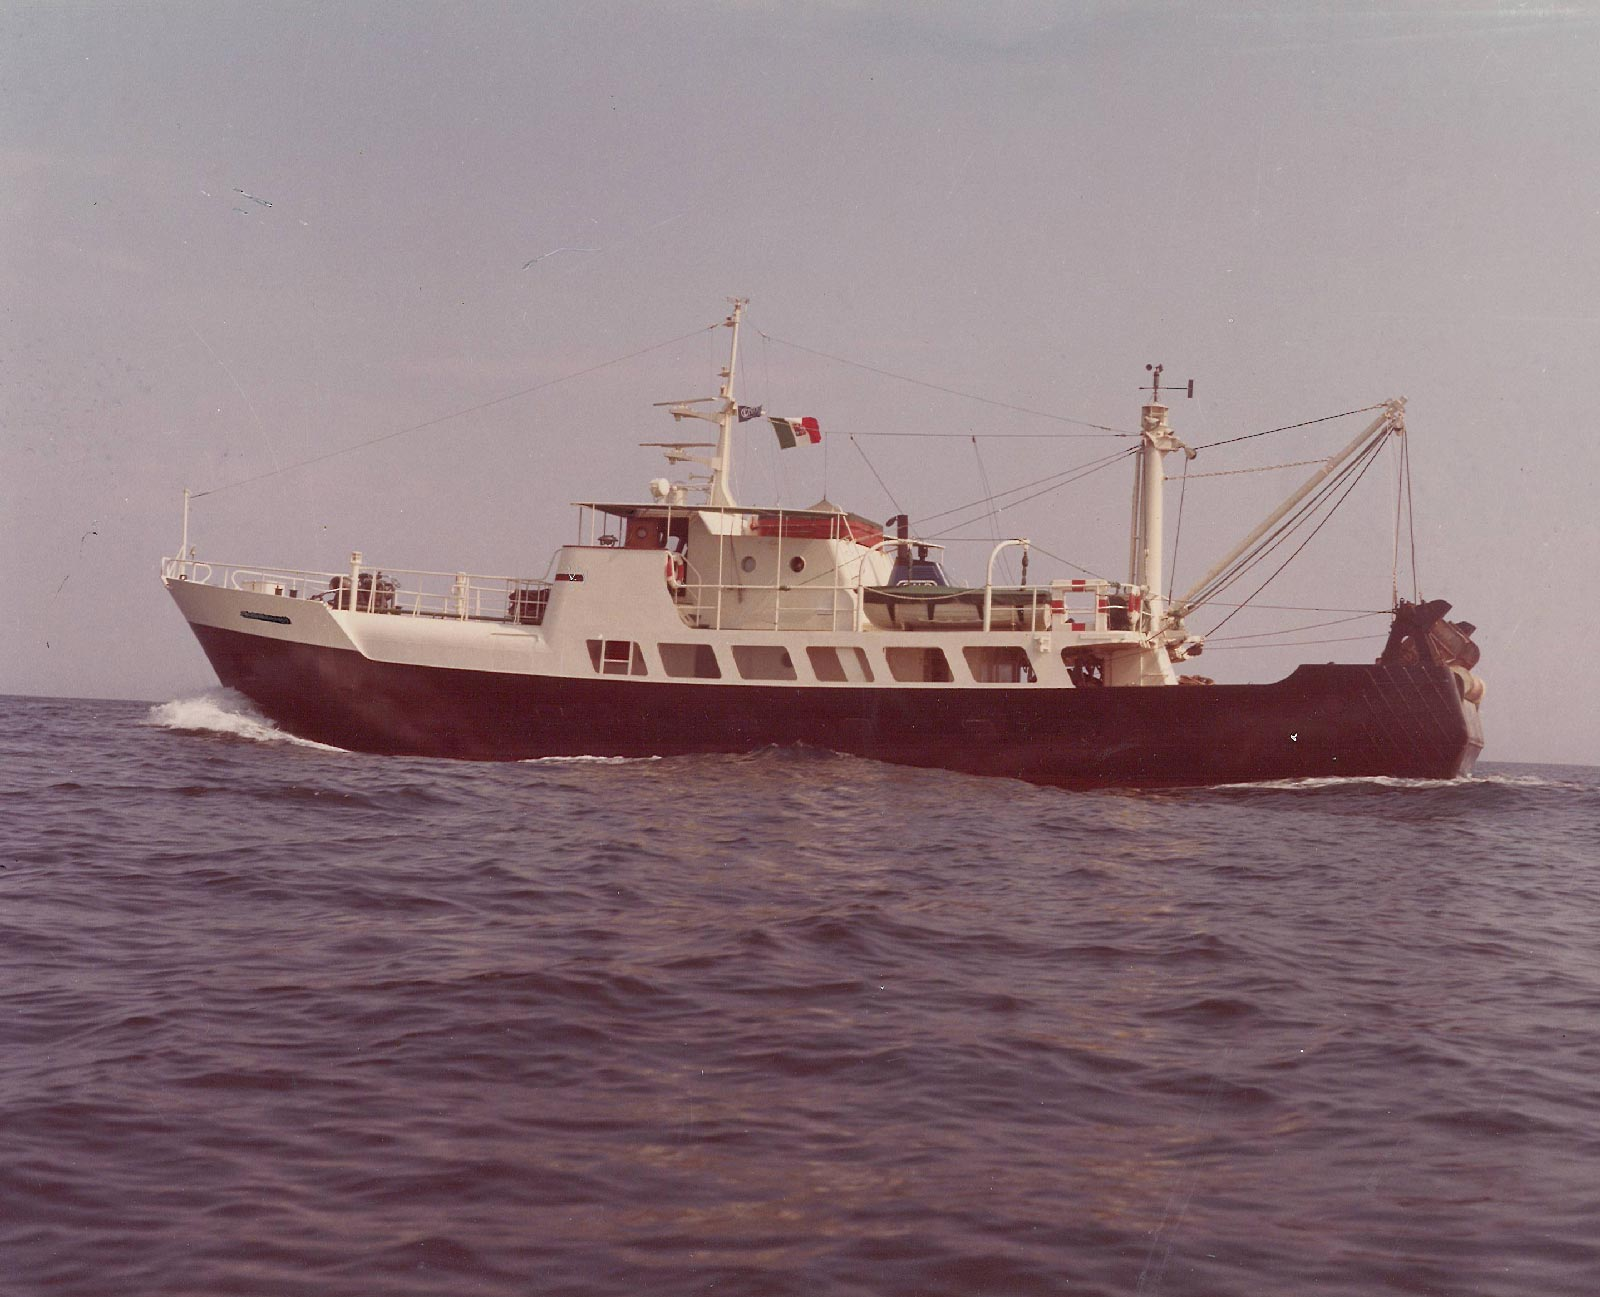 hausmann 1990